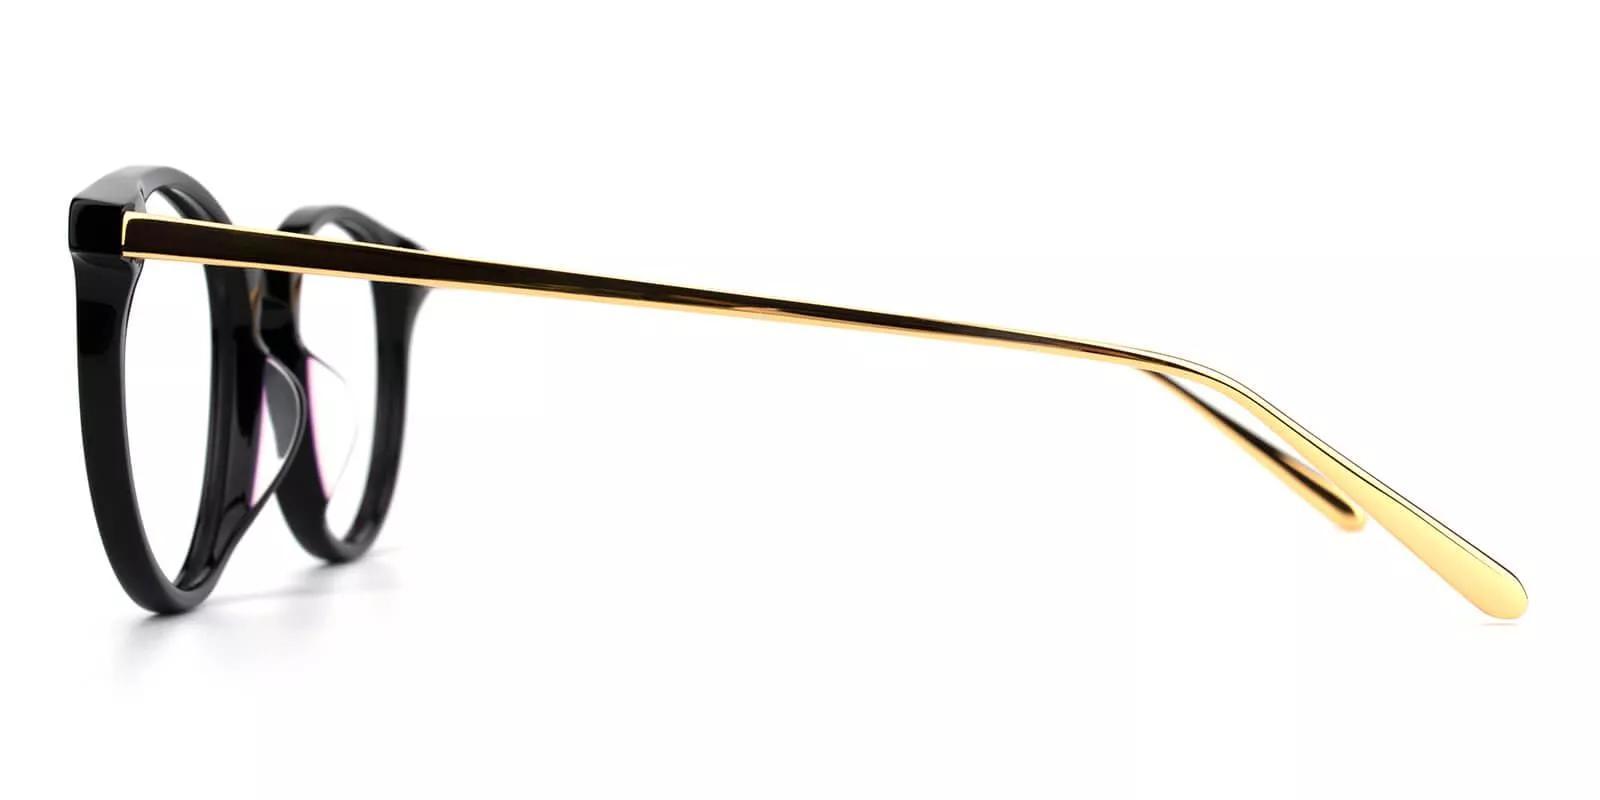 Woodbridge Acetate Eyeglasses Black